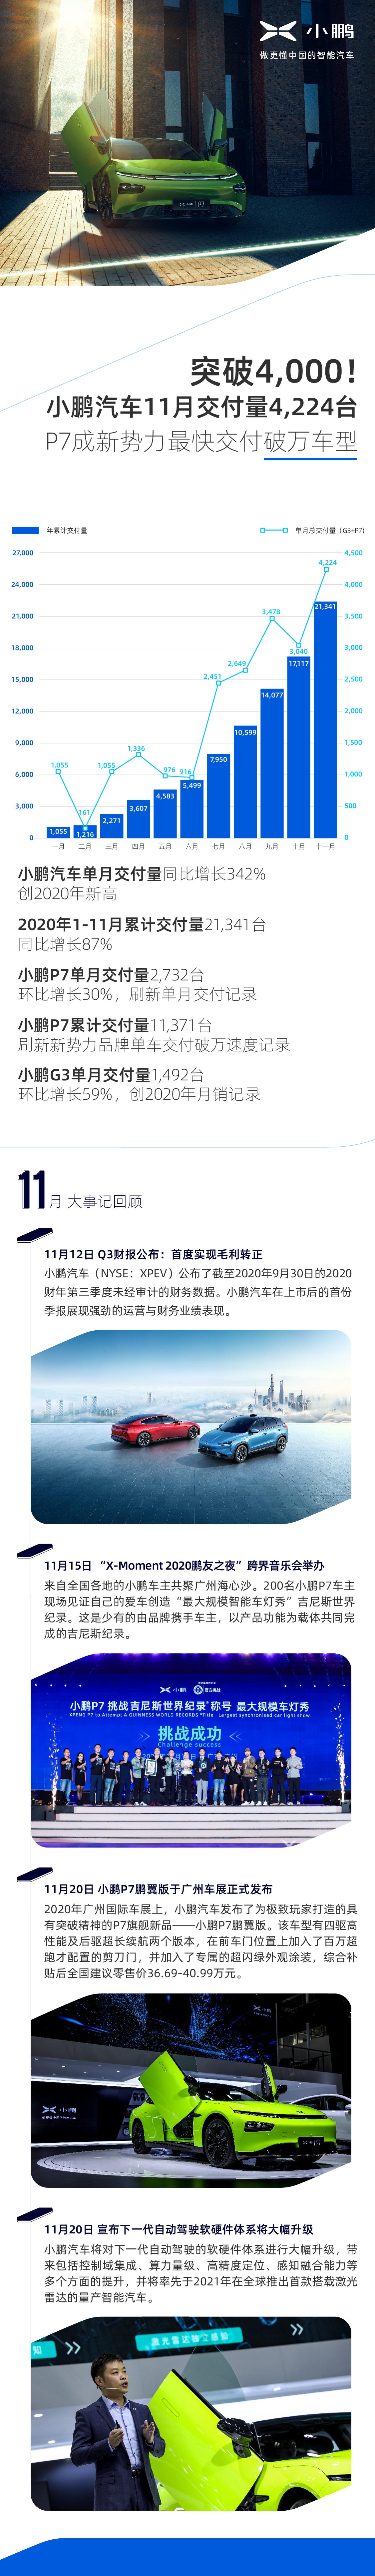 智能优势尽显,小鹏汽车11月交付4224台,P7、G3创新高